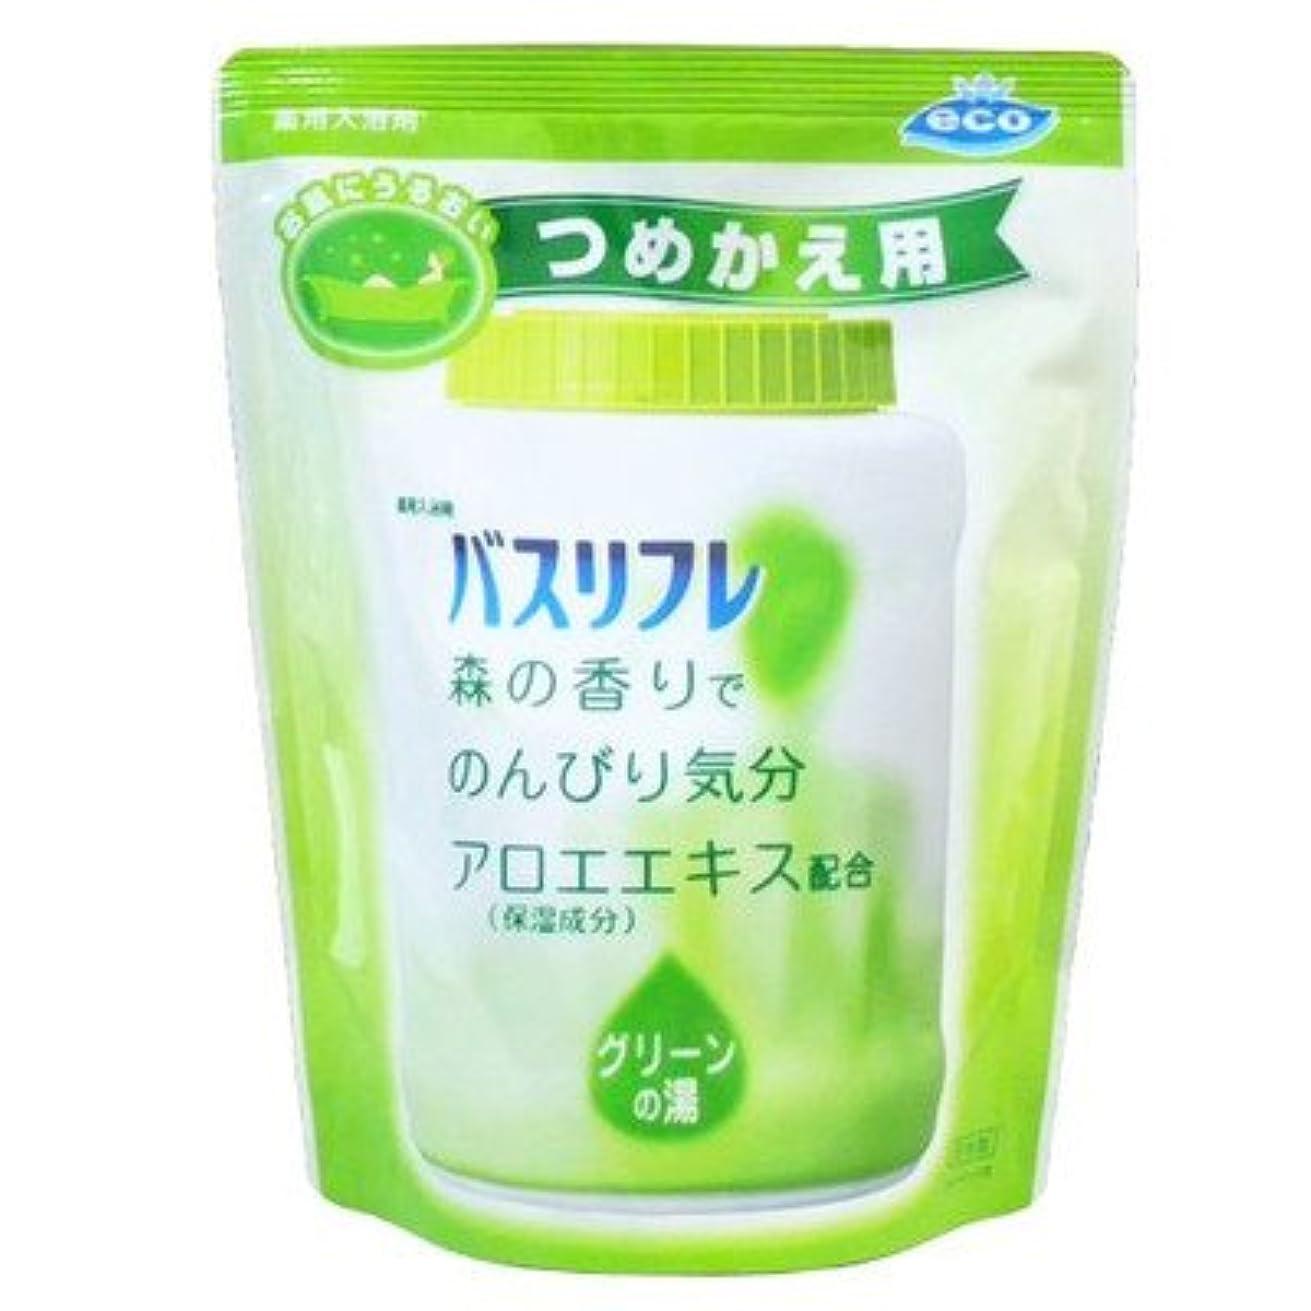 おっと要旨つかいます薬用入浴剤 バスリフレ グリーンの湯 つめかえ用 540g 森の香り (ライオンケミカル)